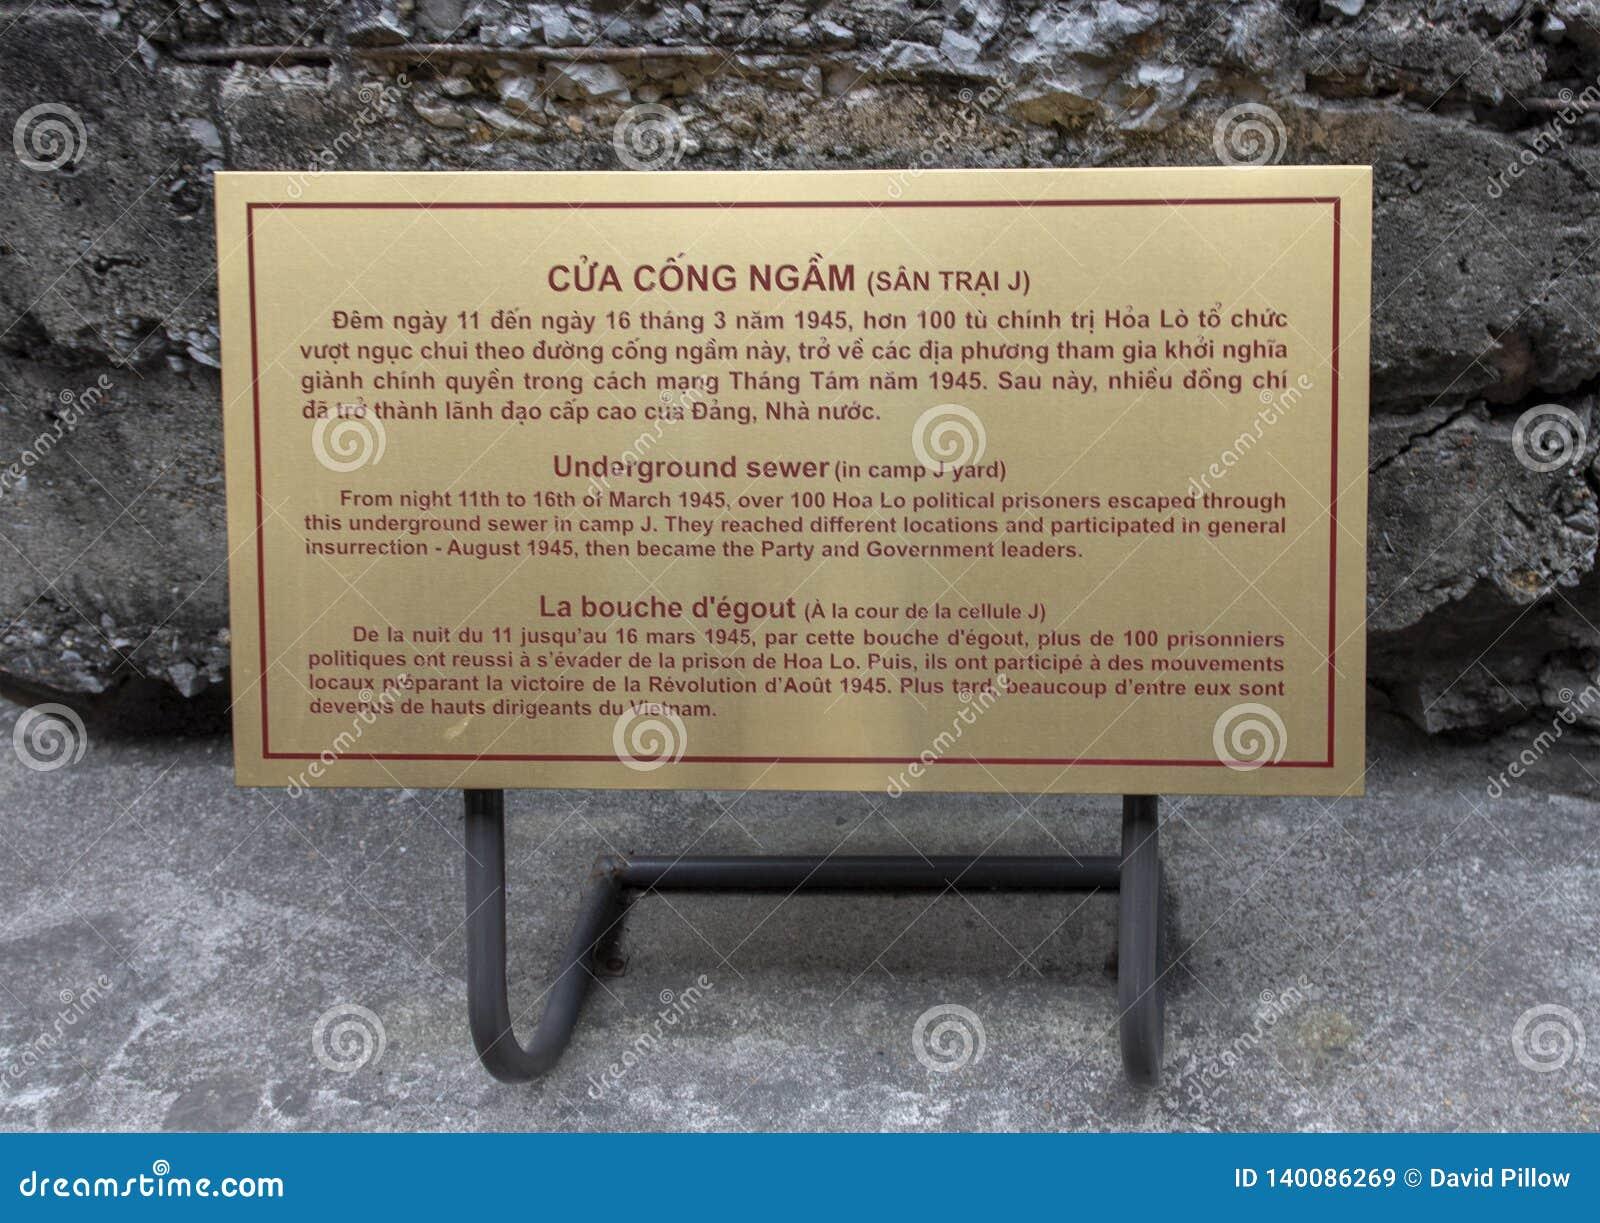 Πινακίδα πληροφοριών για τον υπόγειο δρόμο διαφυγής υπονόμων στην επίδειξη στη φυλακή Hao Lo, Ανόι, Βιετνάμ